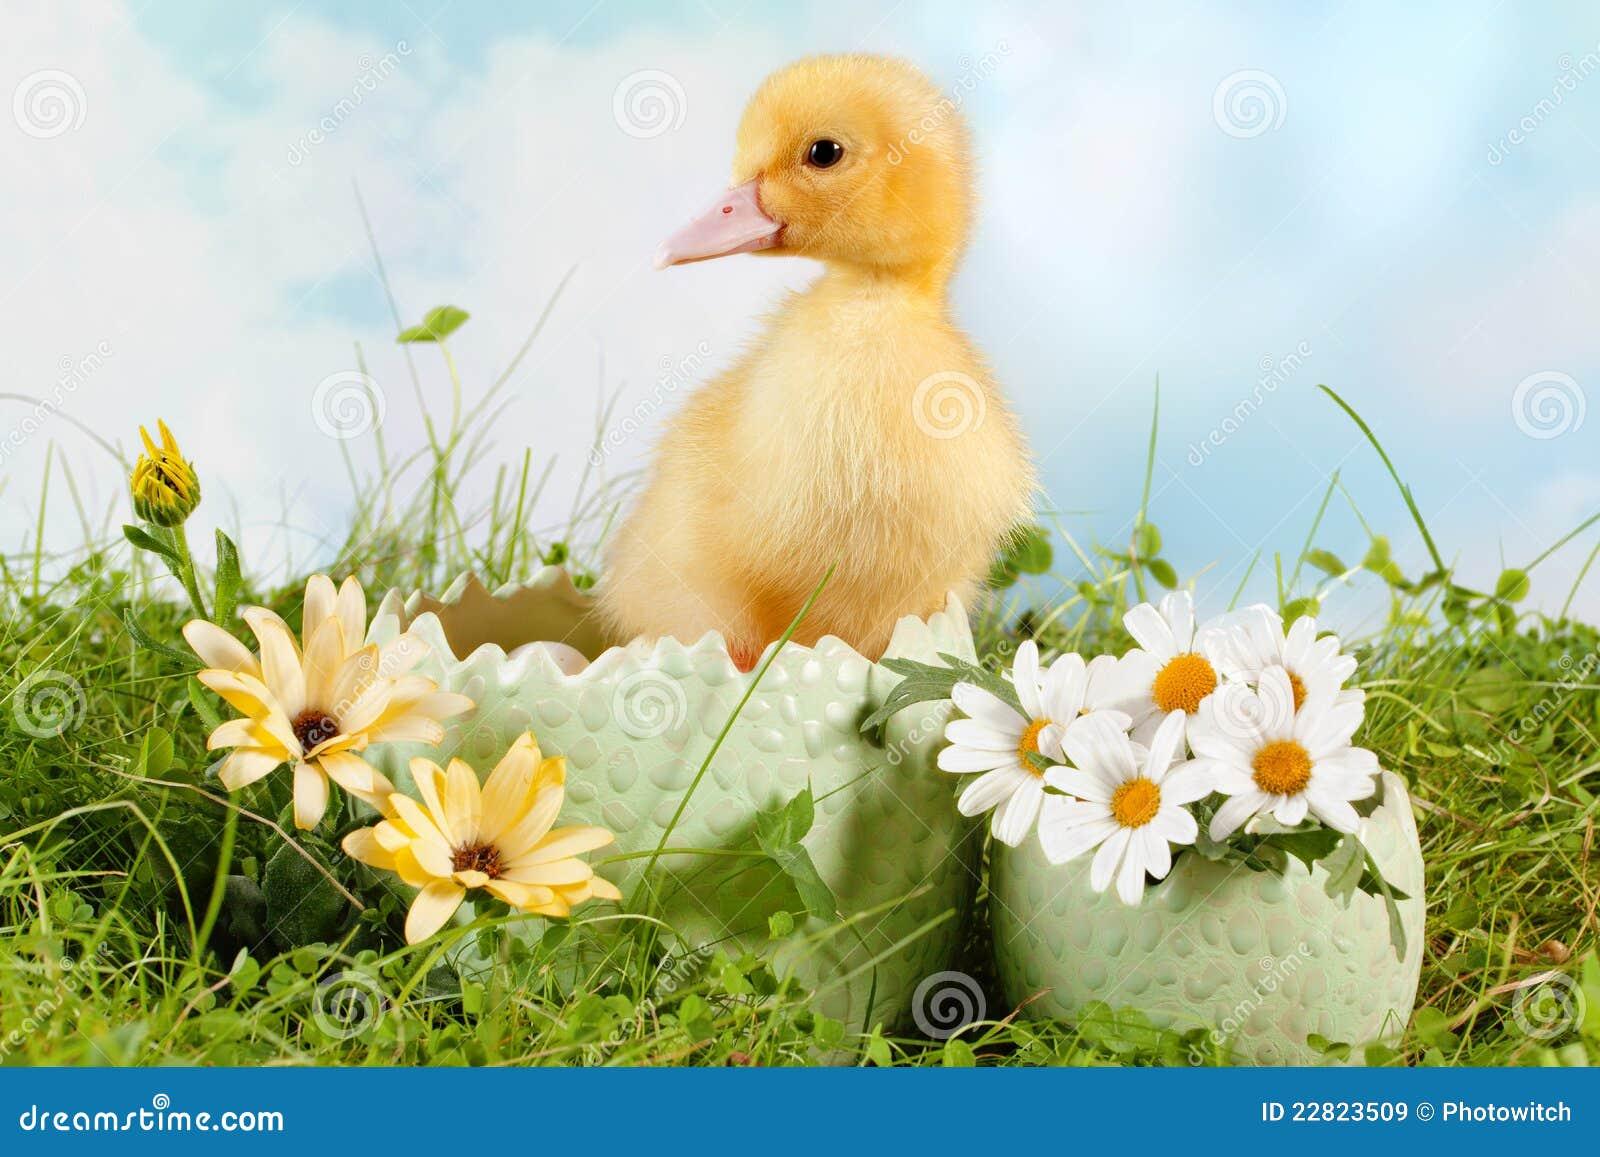 鸭子复活节偷看